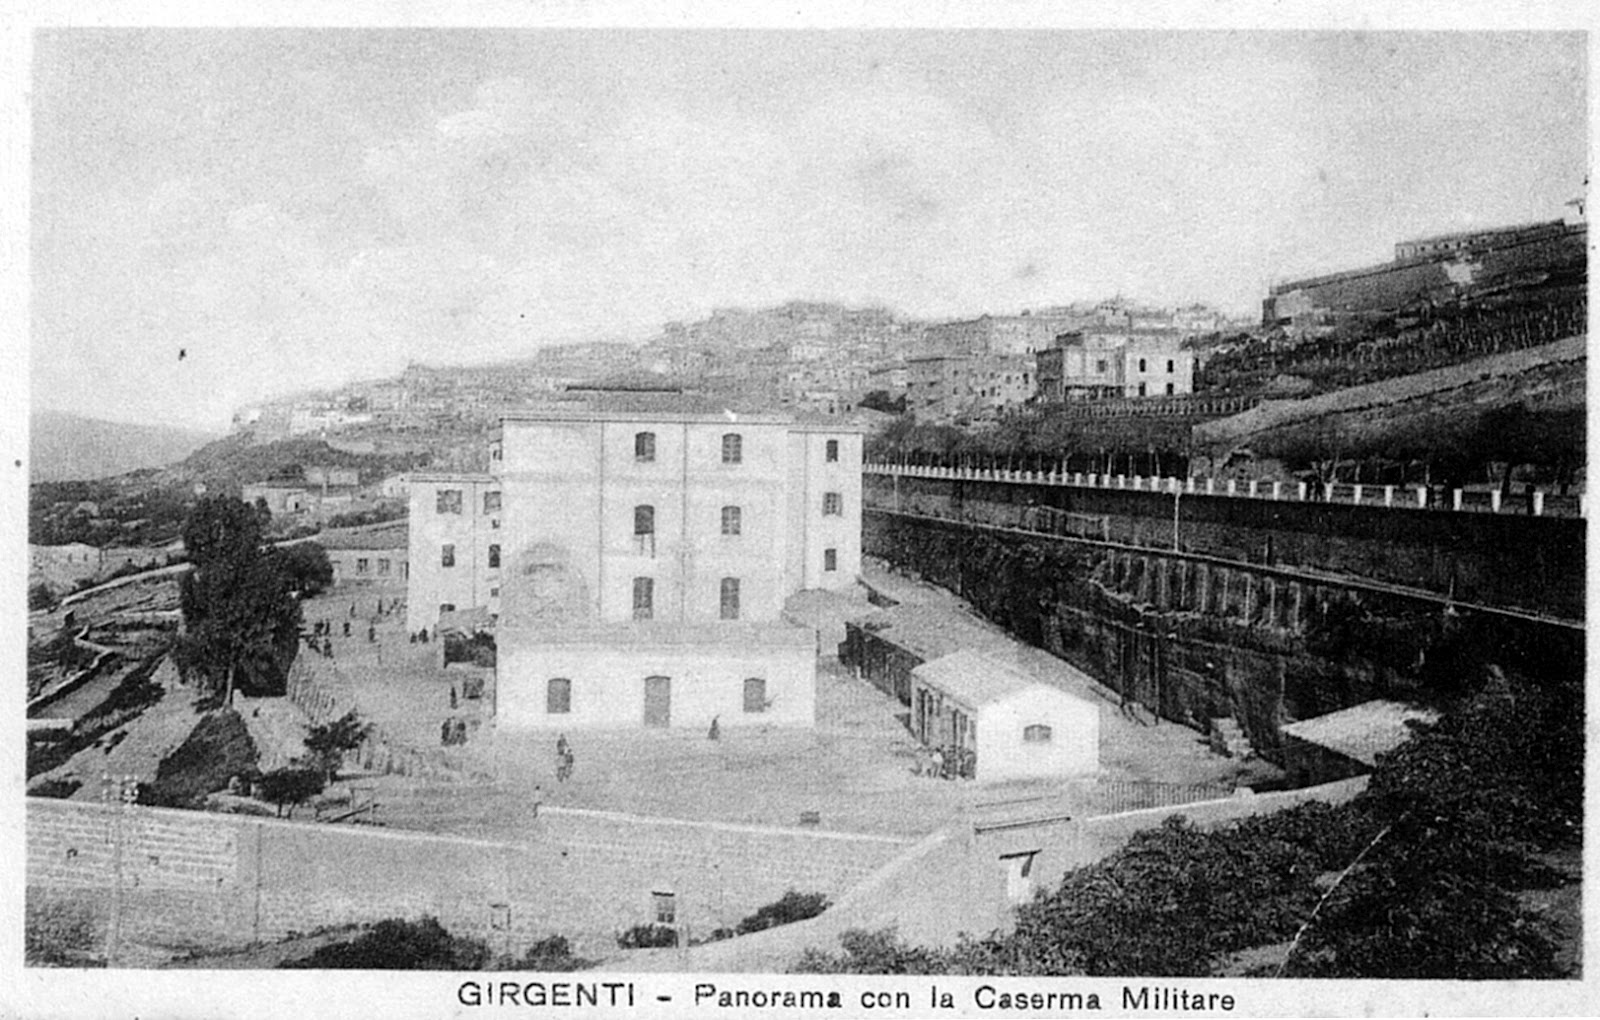 Troina Italy  city images : Girgenti, il 5° fanteria e la Grande Guerra | Storie in divisa